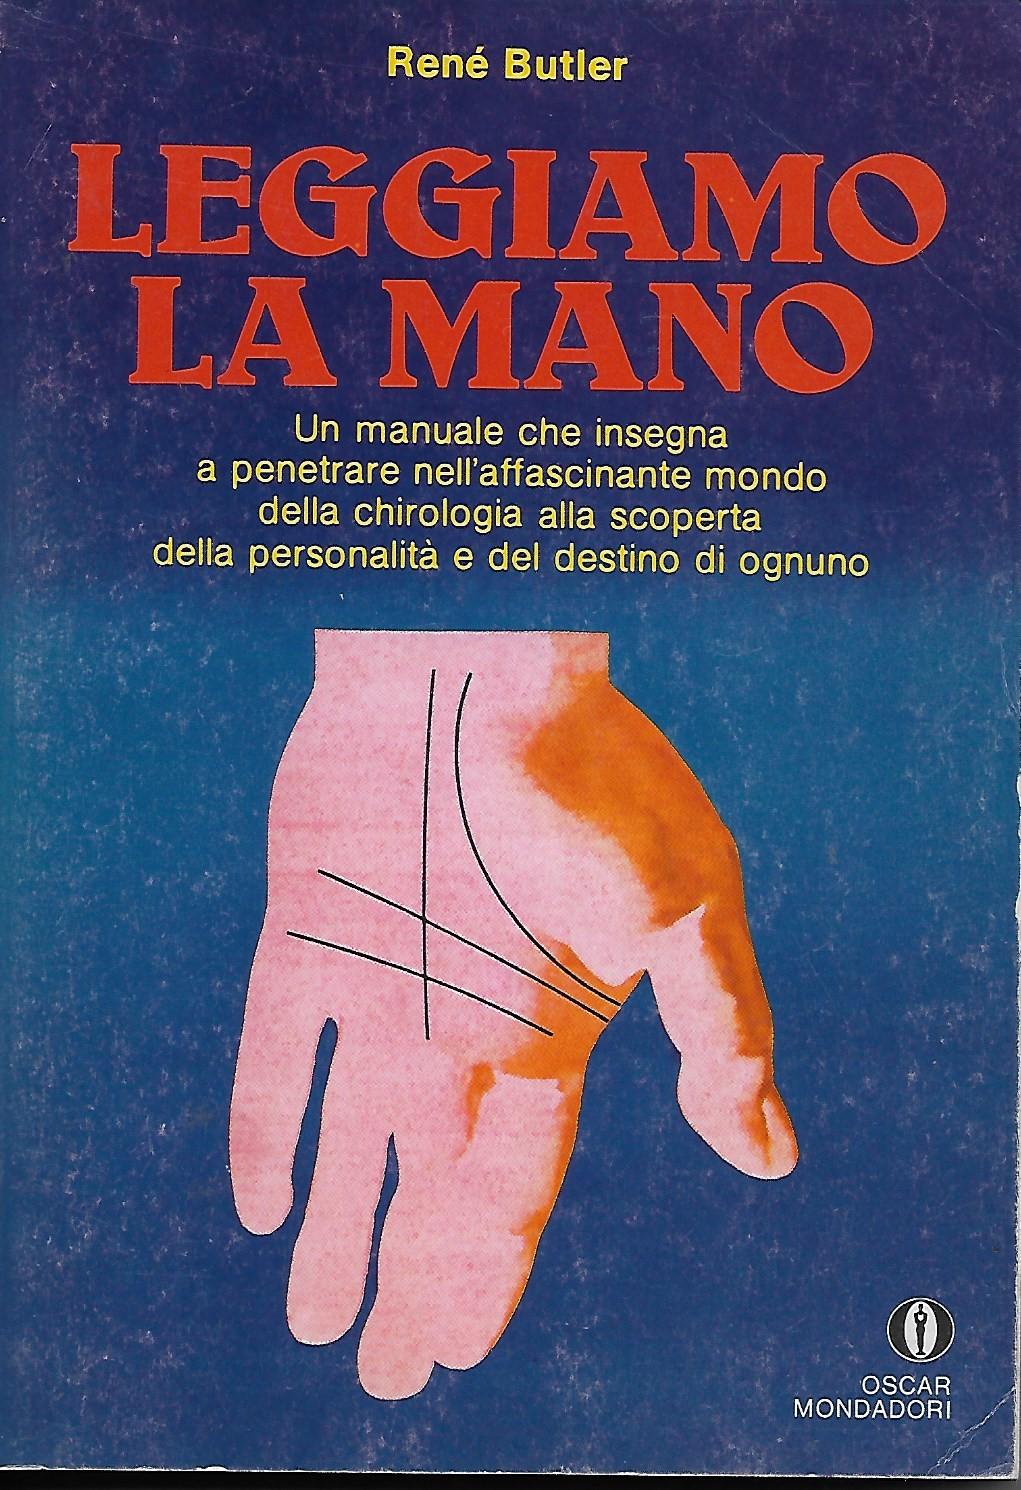 Leggiamo la mano